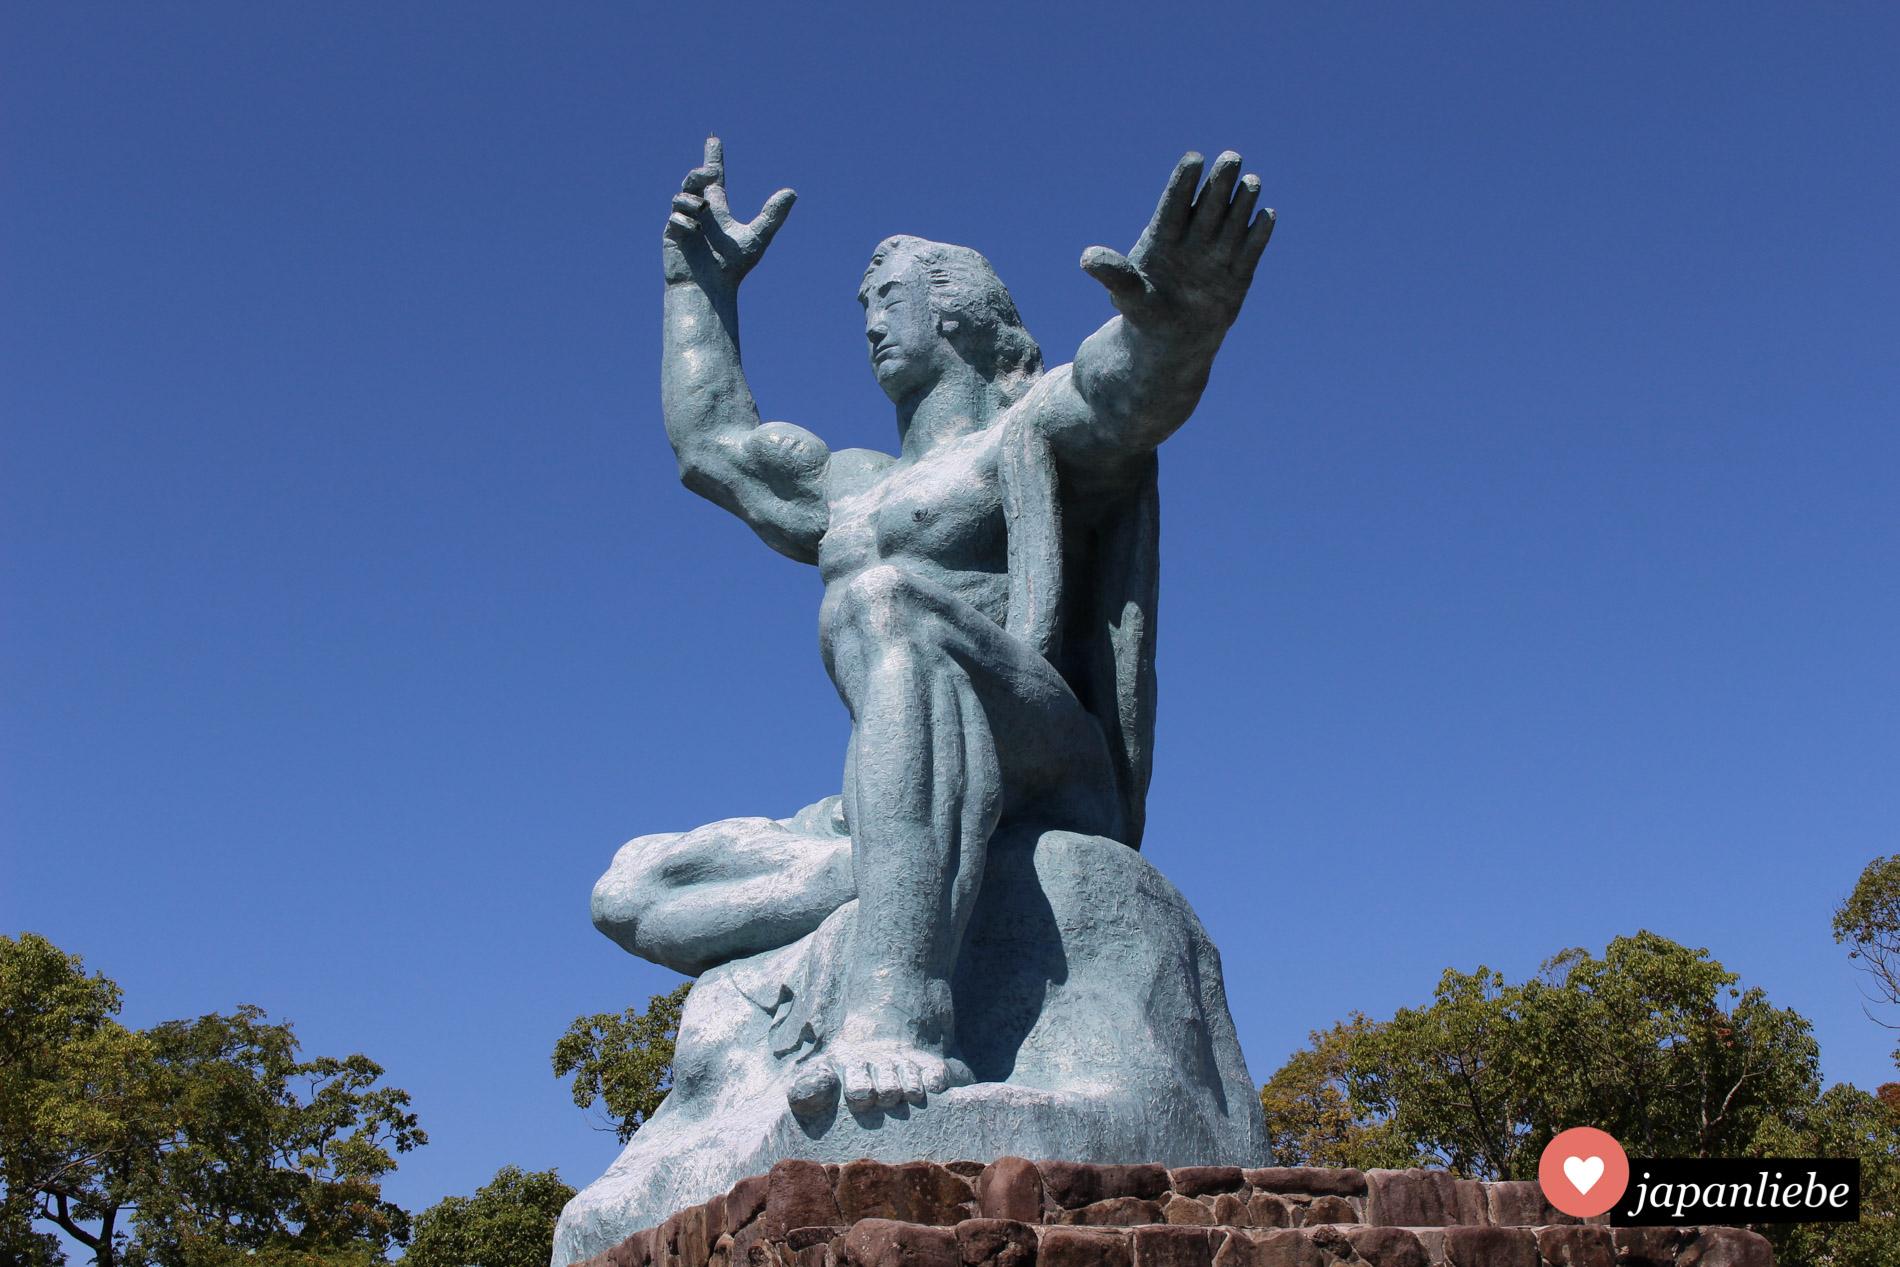 Mahnmal im Friedenspark Nagasaki: die Statue des Friedens von Bildhauer Seibou Kitamura.